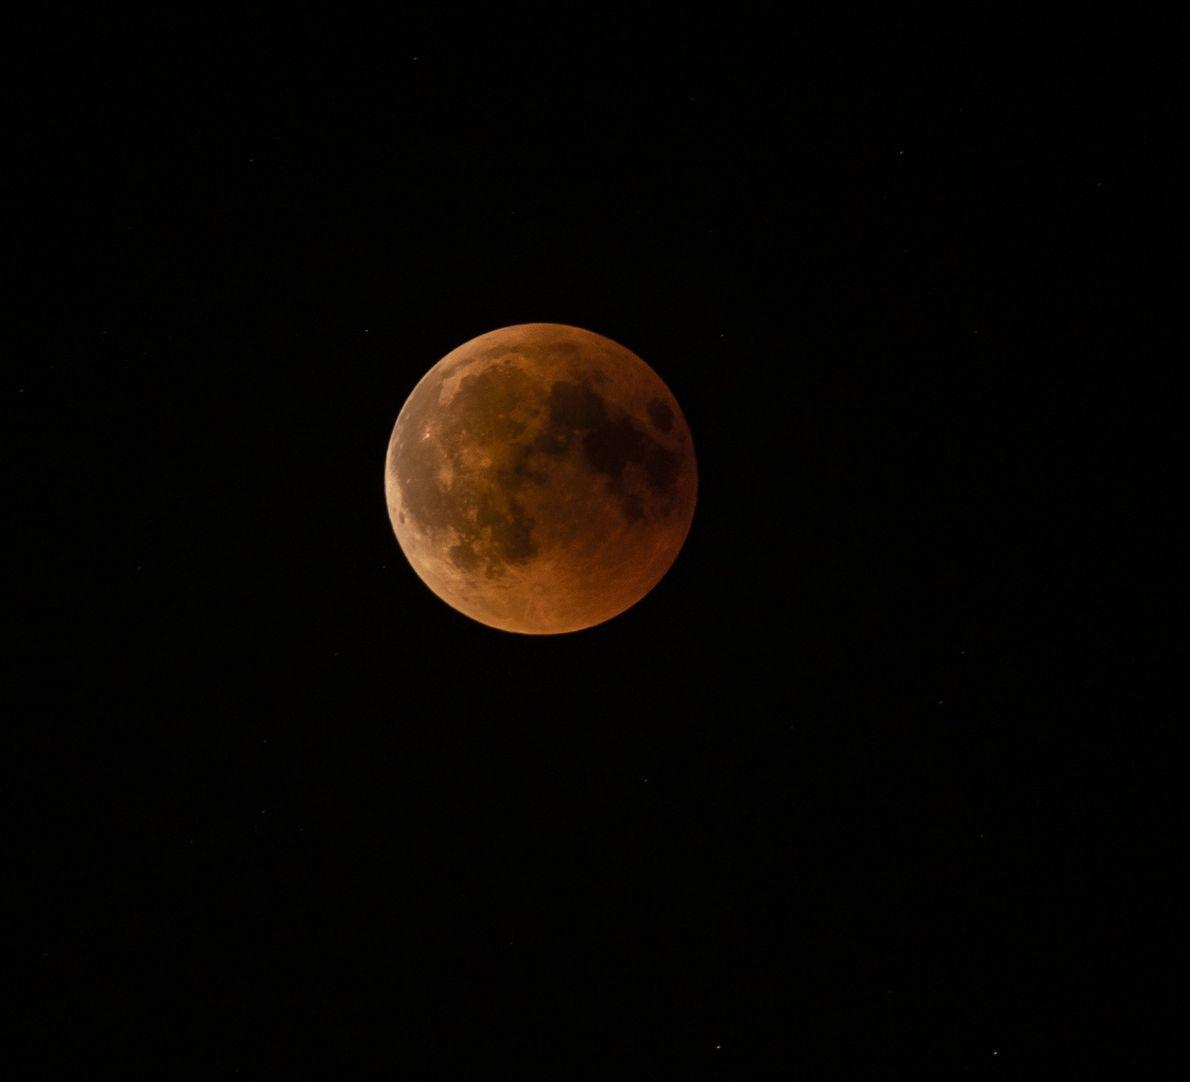 Kurz vor dem Austritt aus der Totalität gegen 23:10 Uhr zeichnet sich am linken Mondrand bereits ...